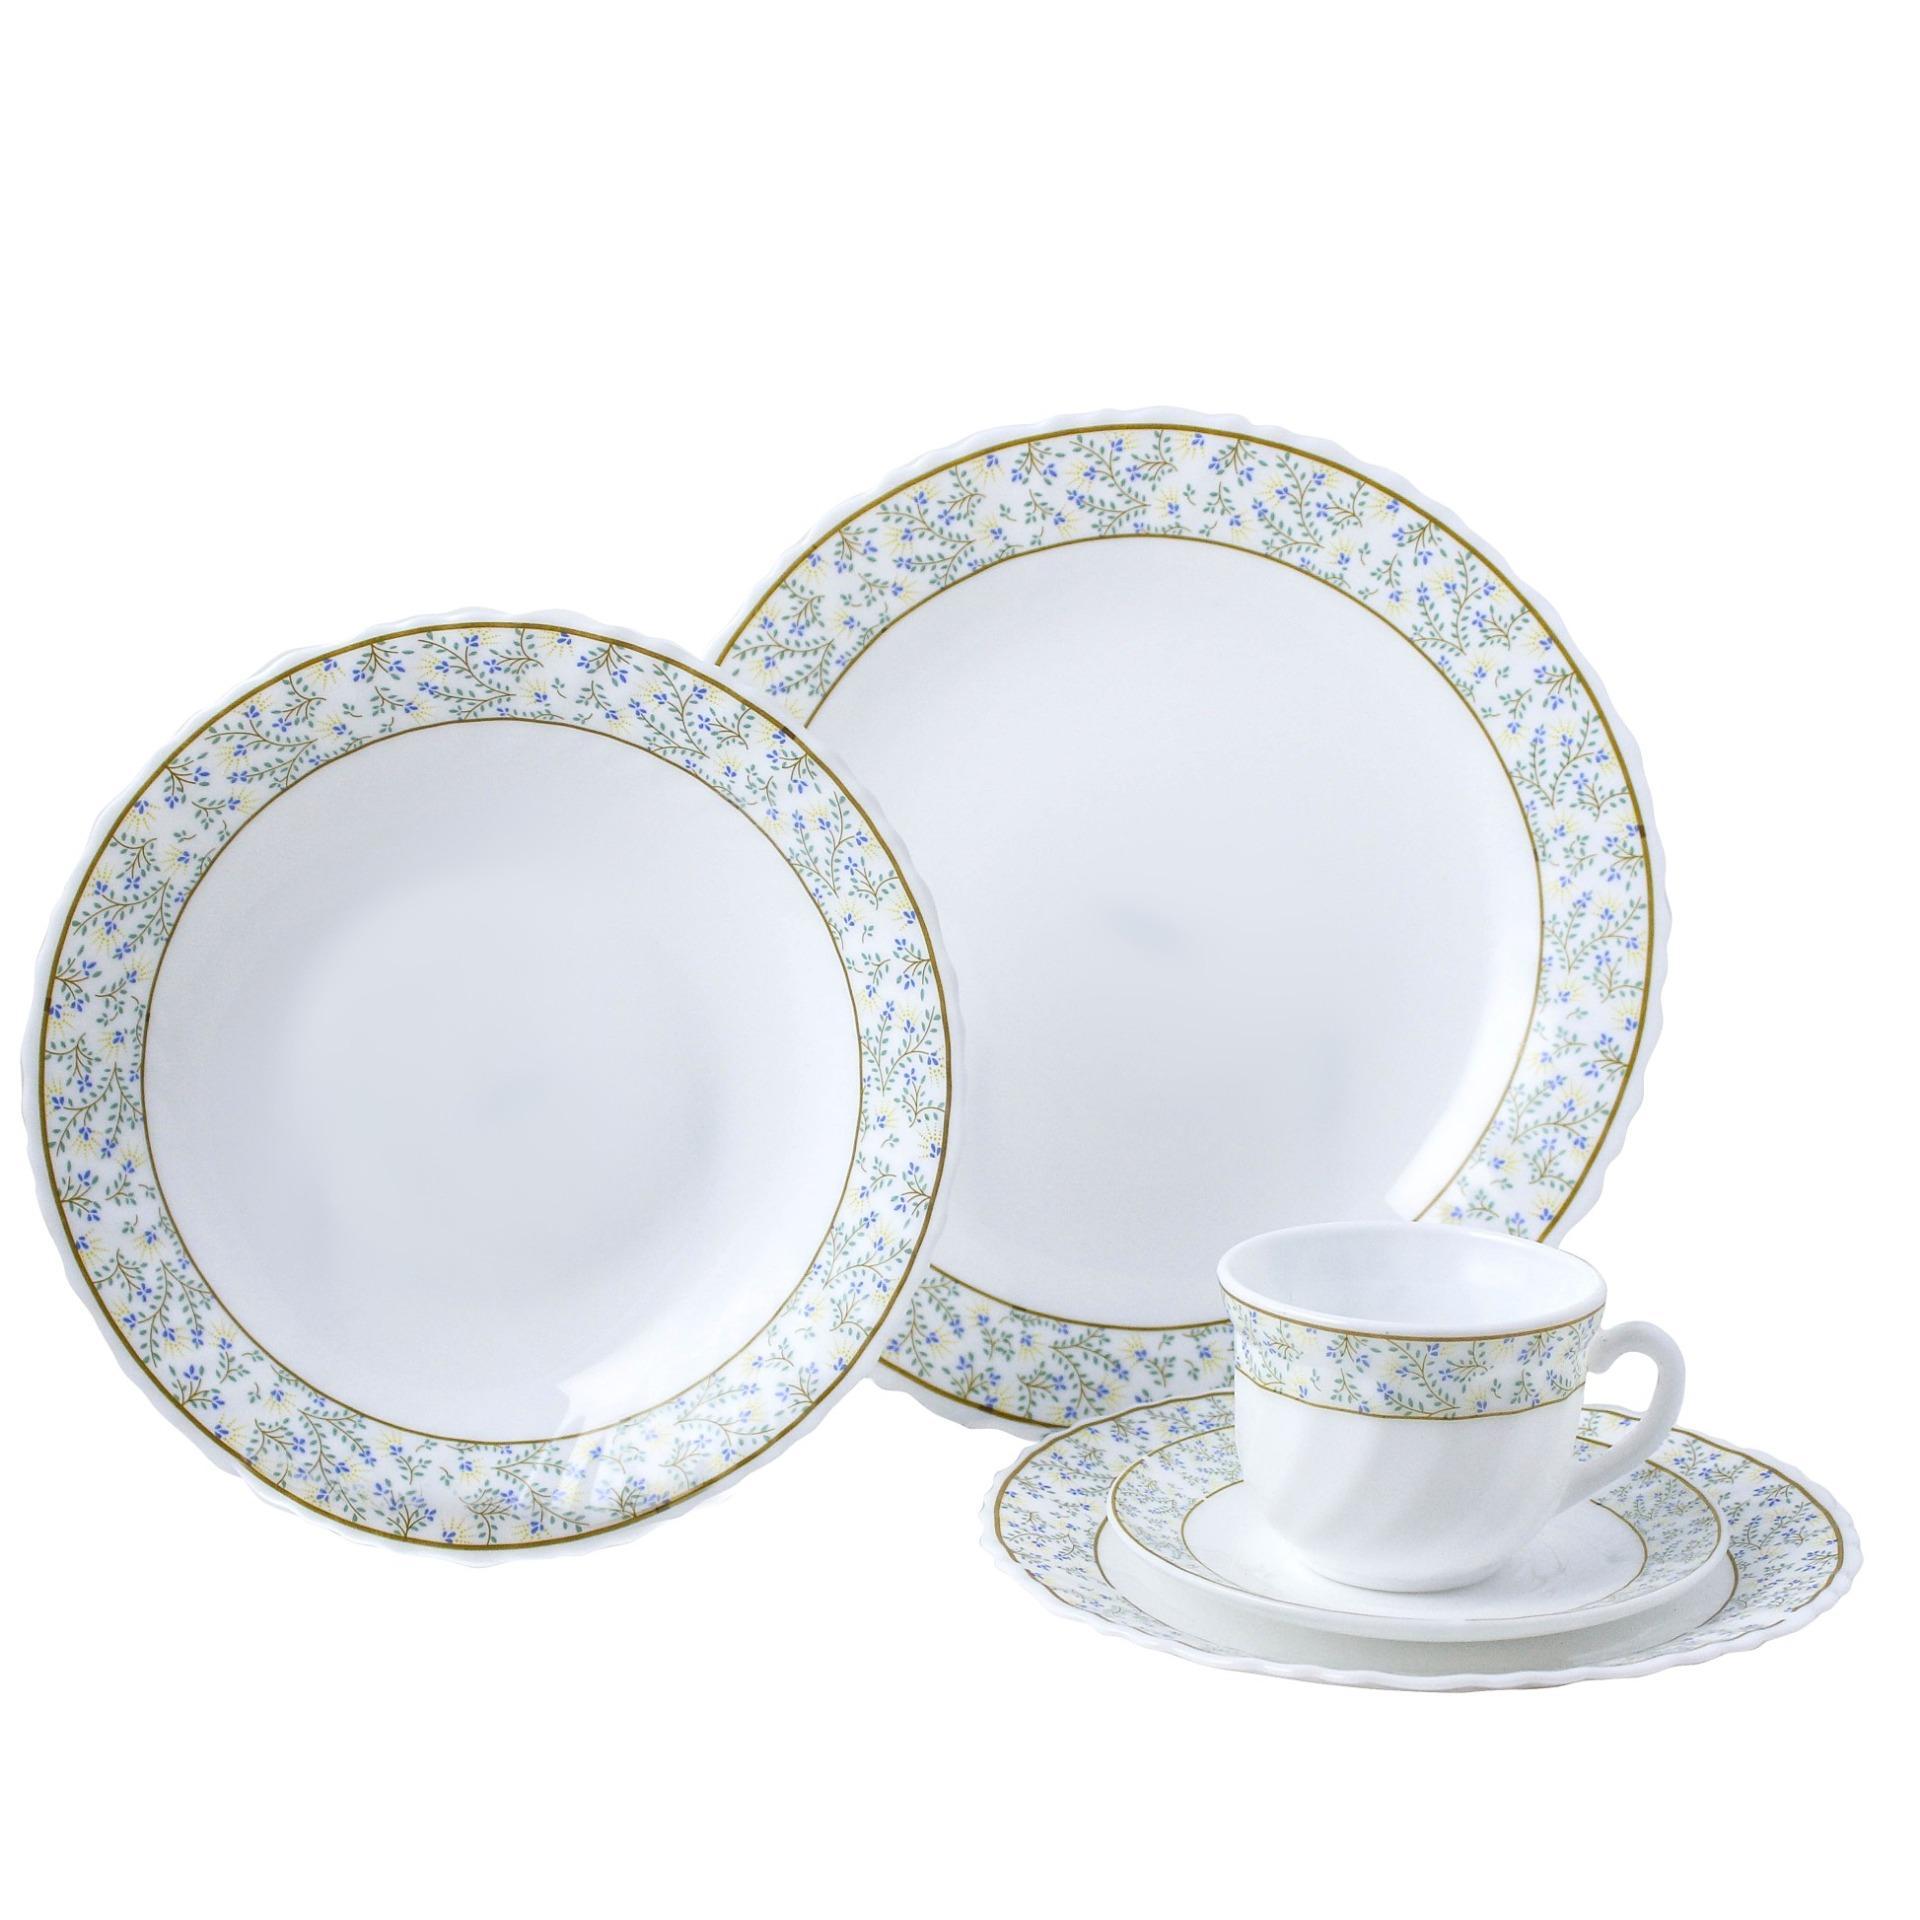 Masflex10 Piece Opal Dinner Set-Goldline By Masflex Cookware And Kitchenware.